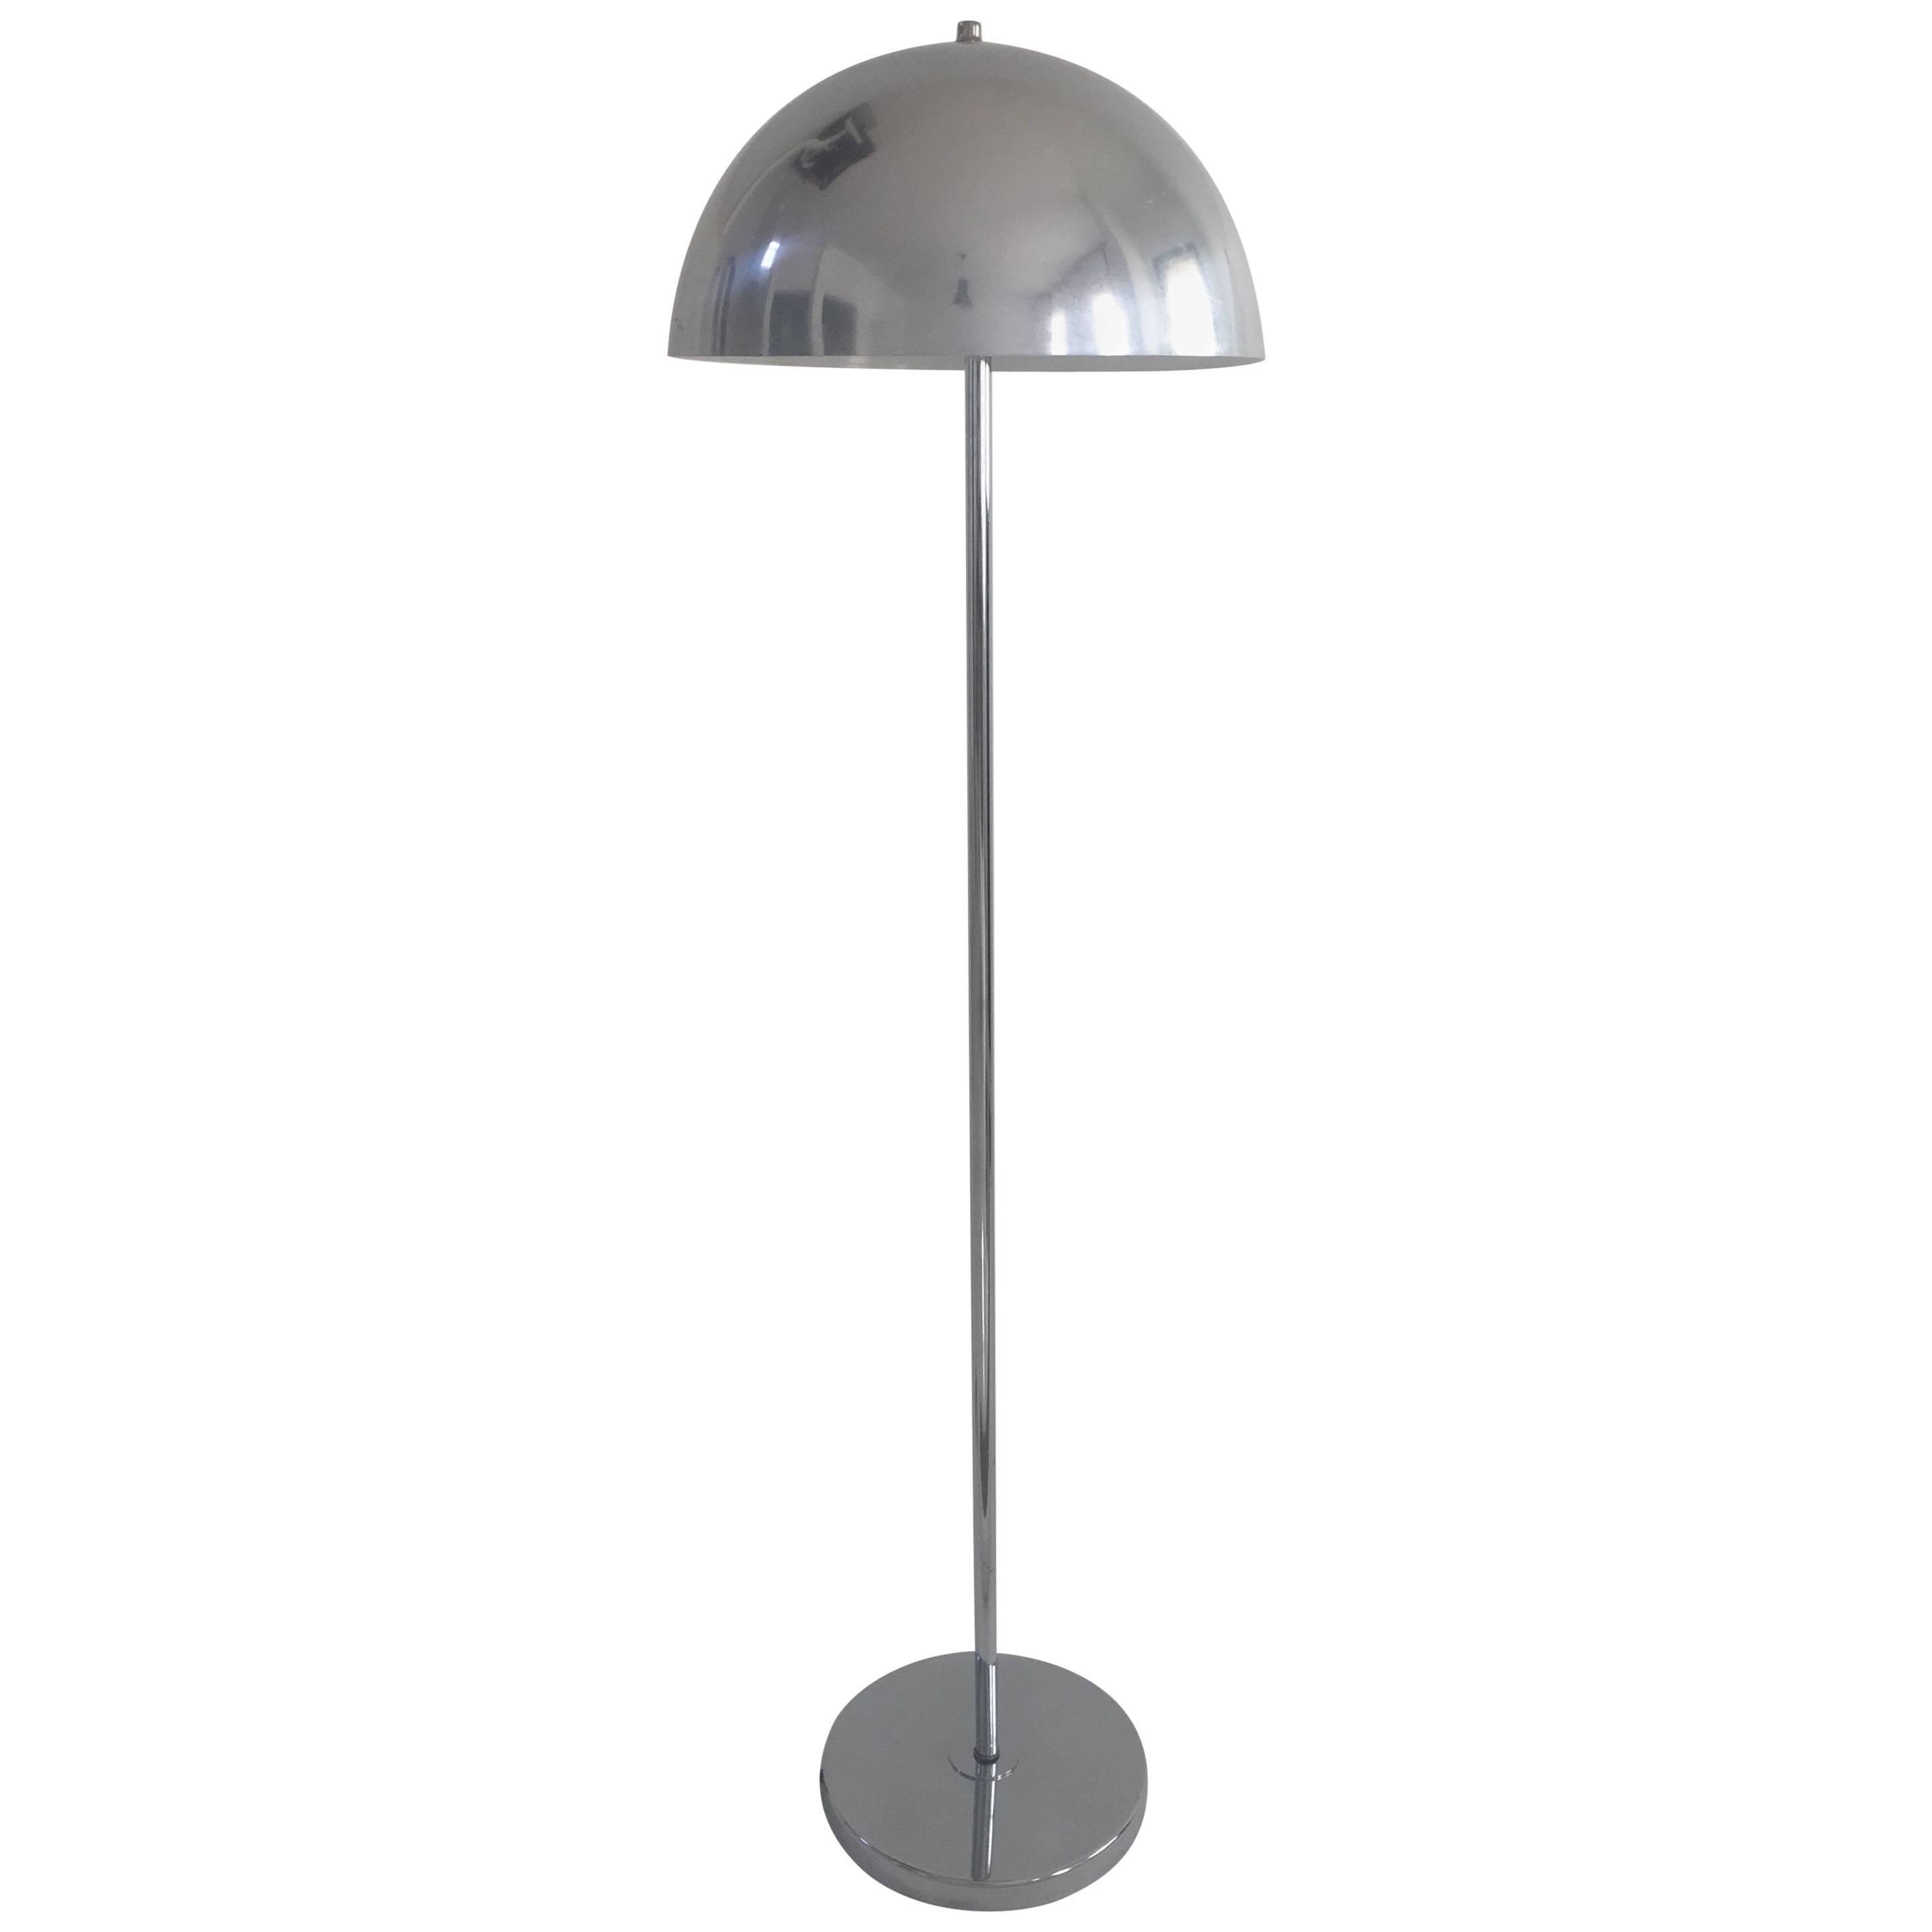 1970s Modernist Chrome Floor Lamp